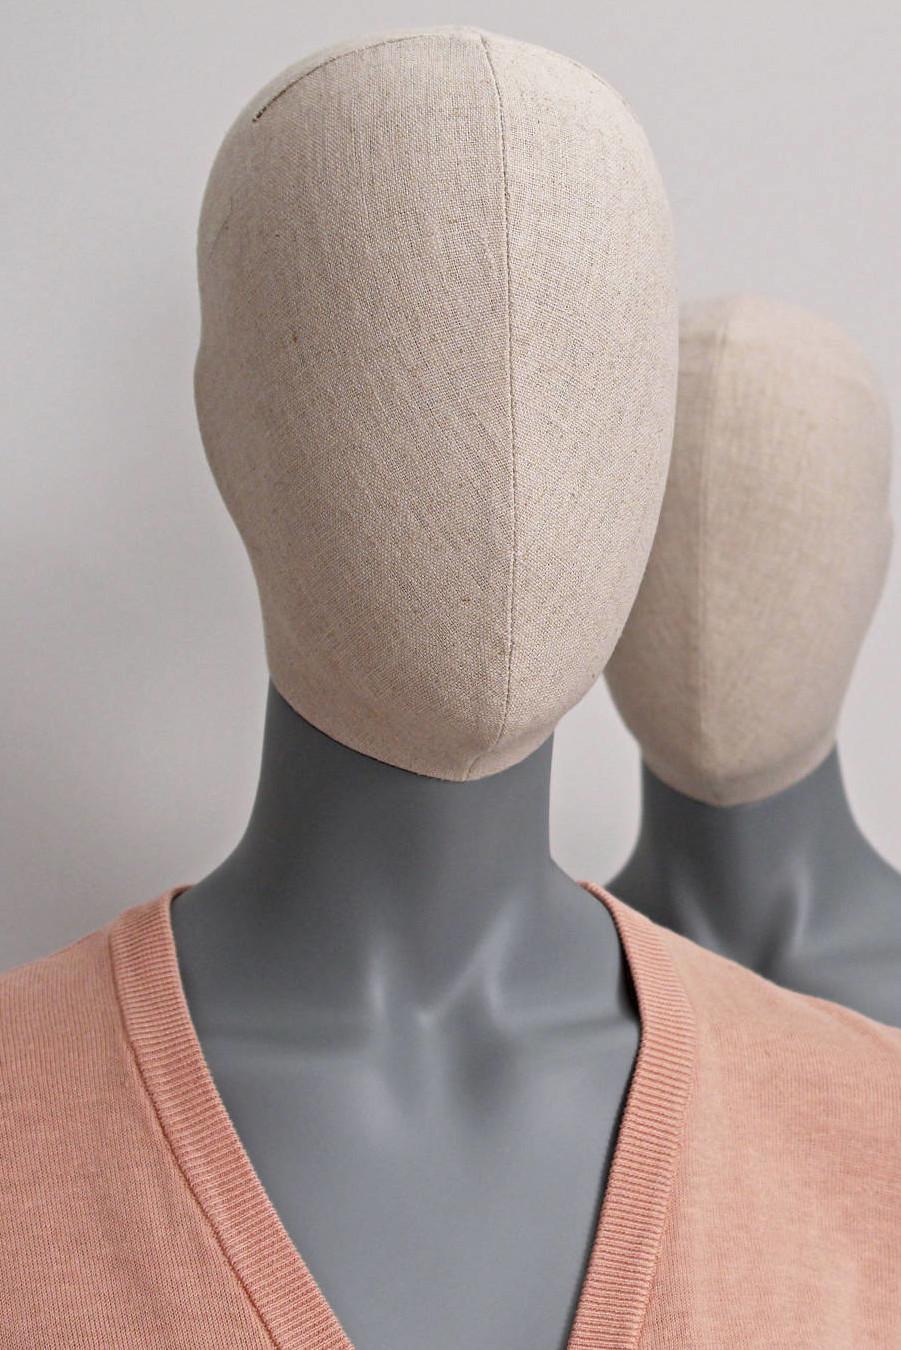 abstrakte Damen-Schaufensterpuppen in schöner grauer Farbe mit stoffumwickeltem Vintage-Kopf.